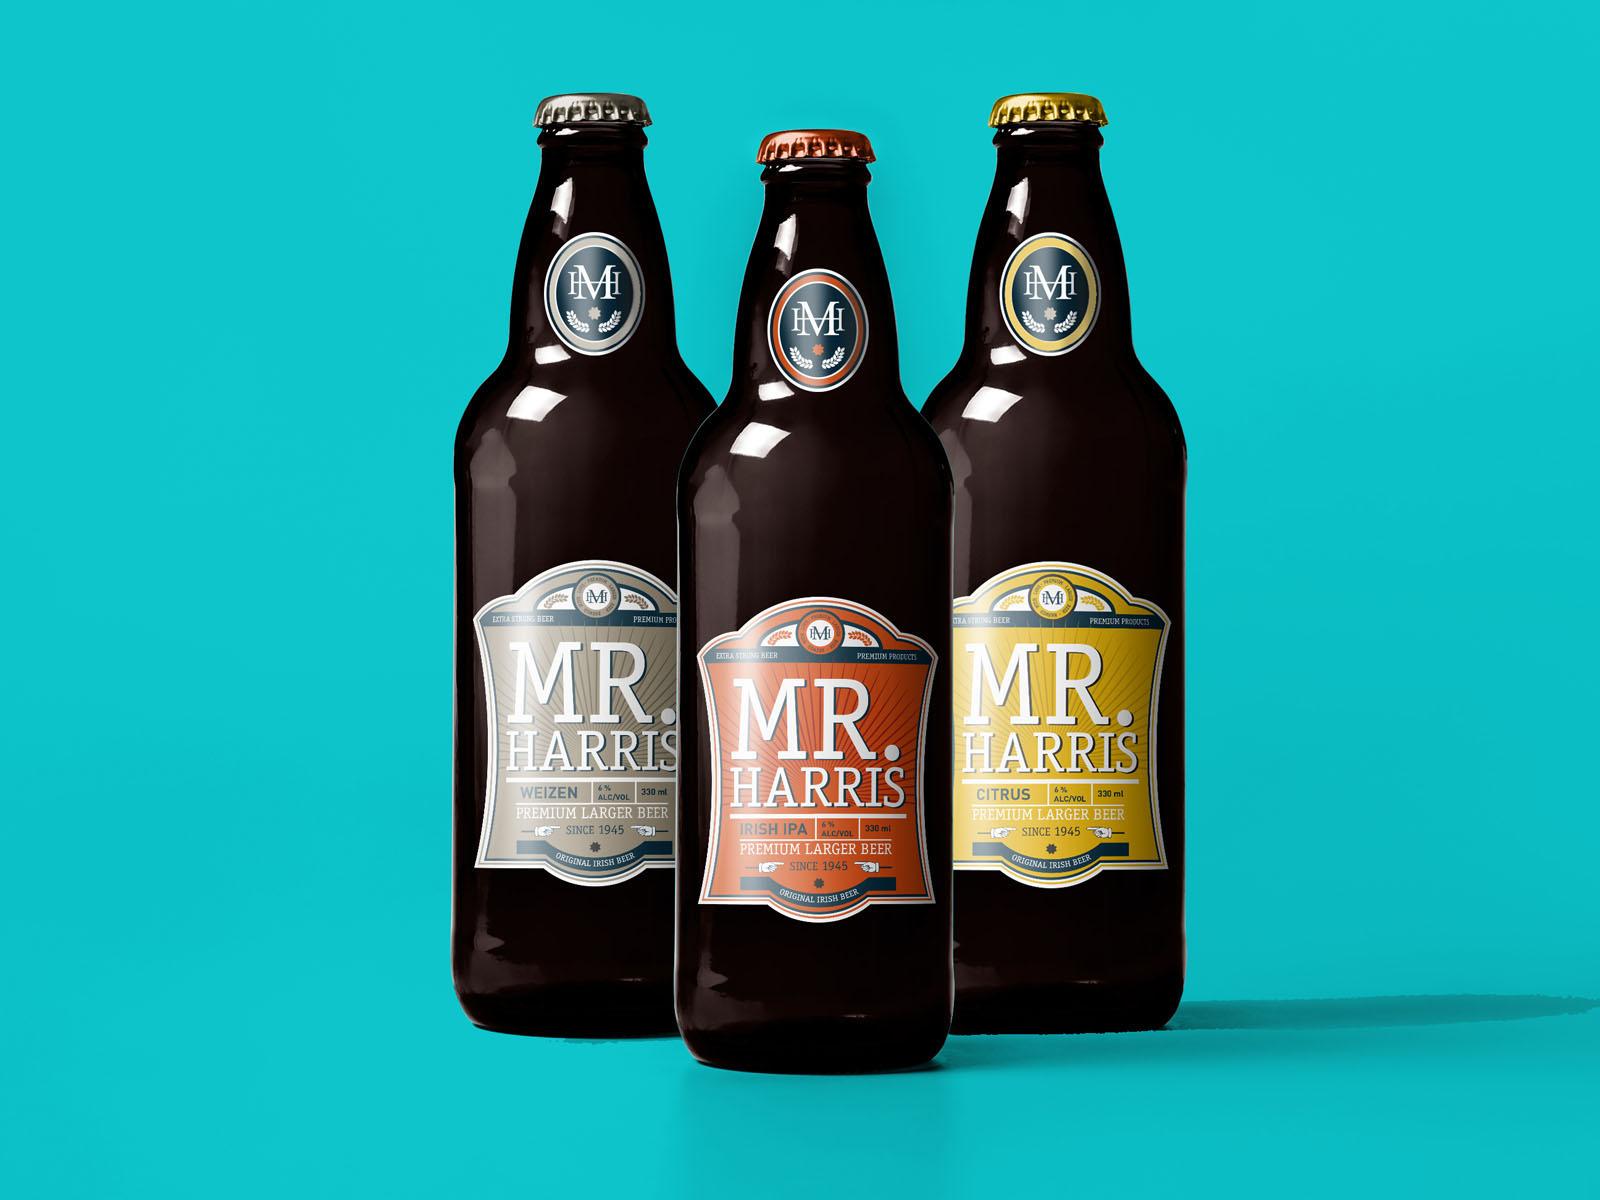 diseño de packaging para cerveza, diseño de etiquetas de tres calidades, botellines de cerveza, beer label design, packaging design